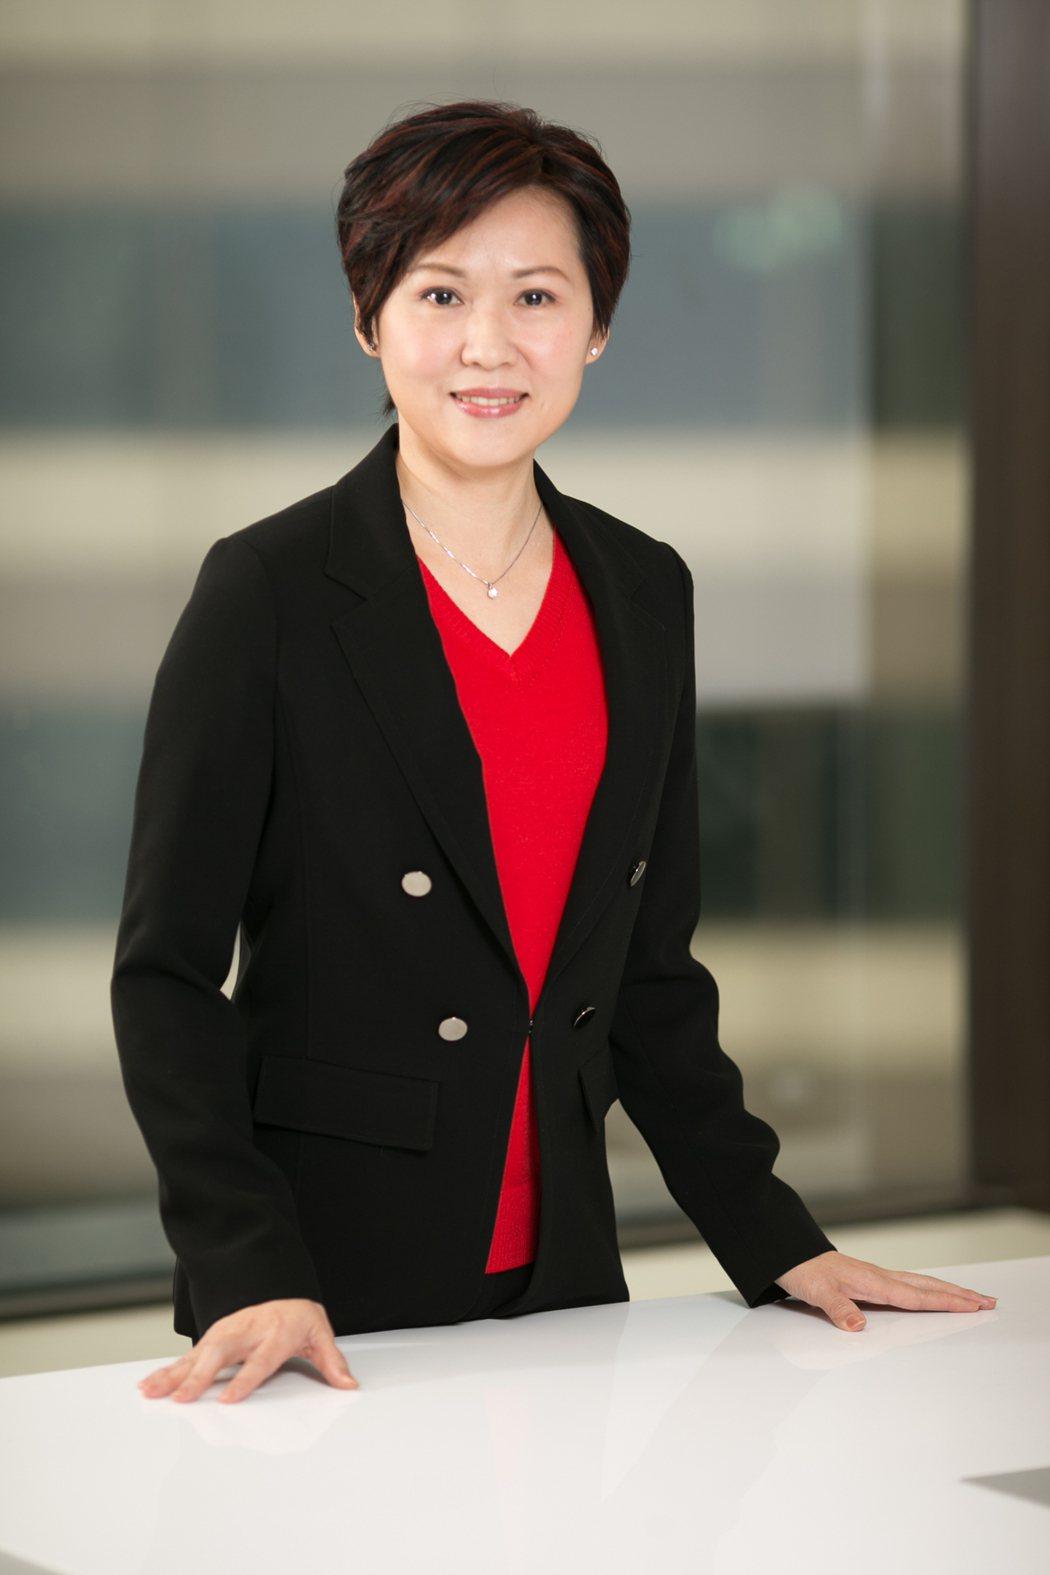 勤業眾信聯合會計師事務所稅務部會計師徐曉婷。業者/提供